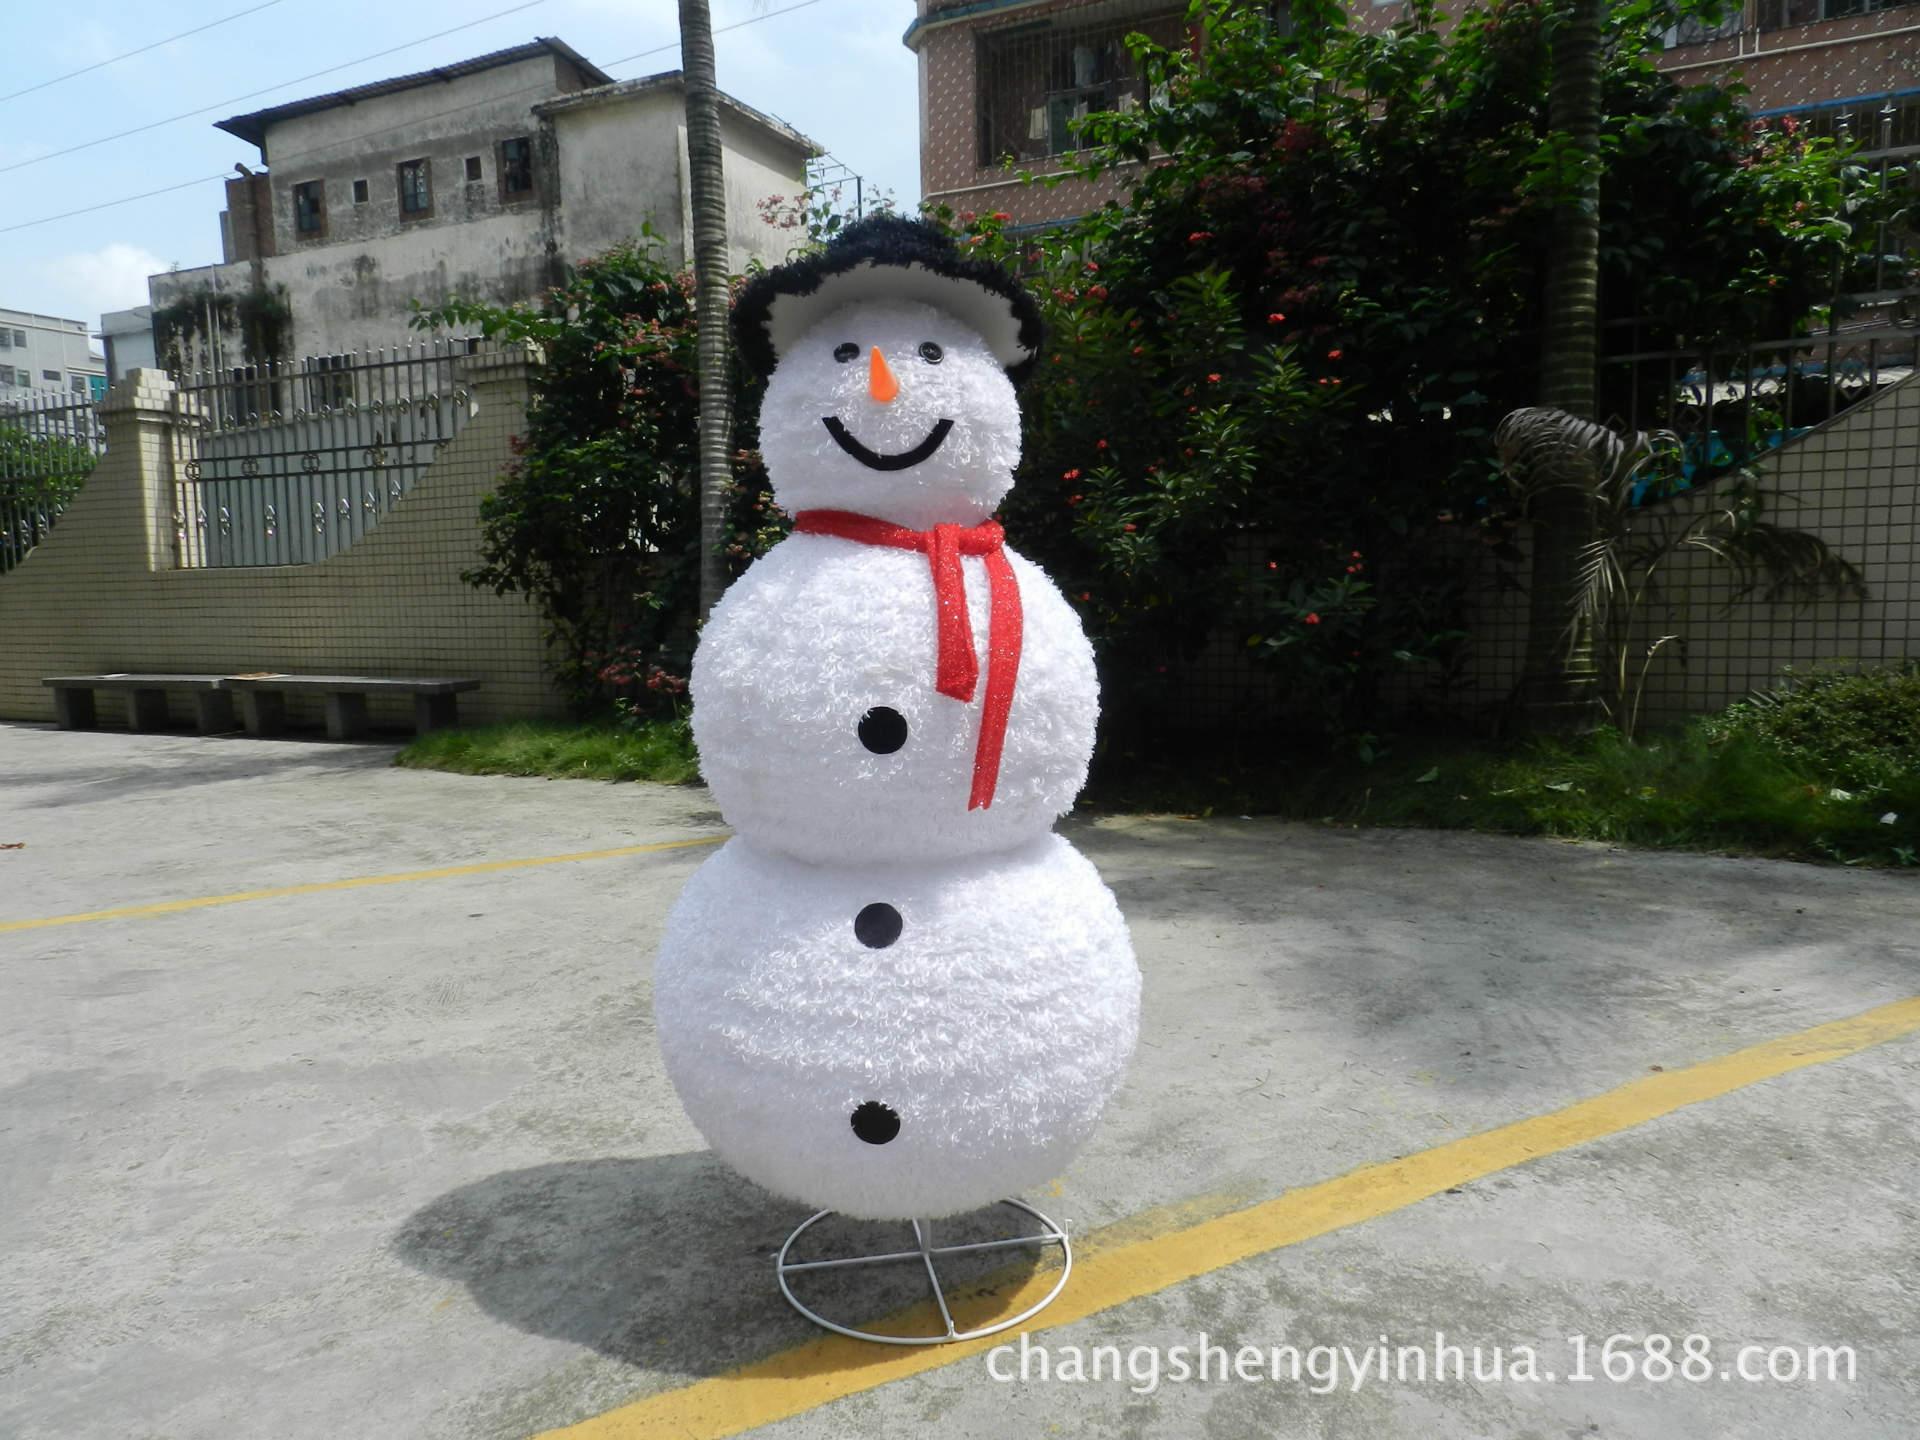 圣延树 雪人 -价格,厂家,图片,其他节庆婚庆用品,博罗县园洲镇昌